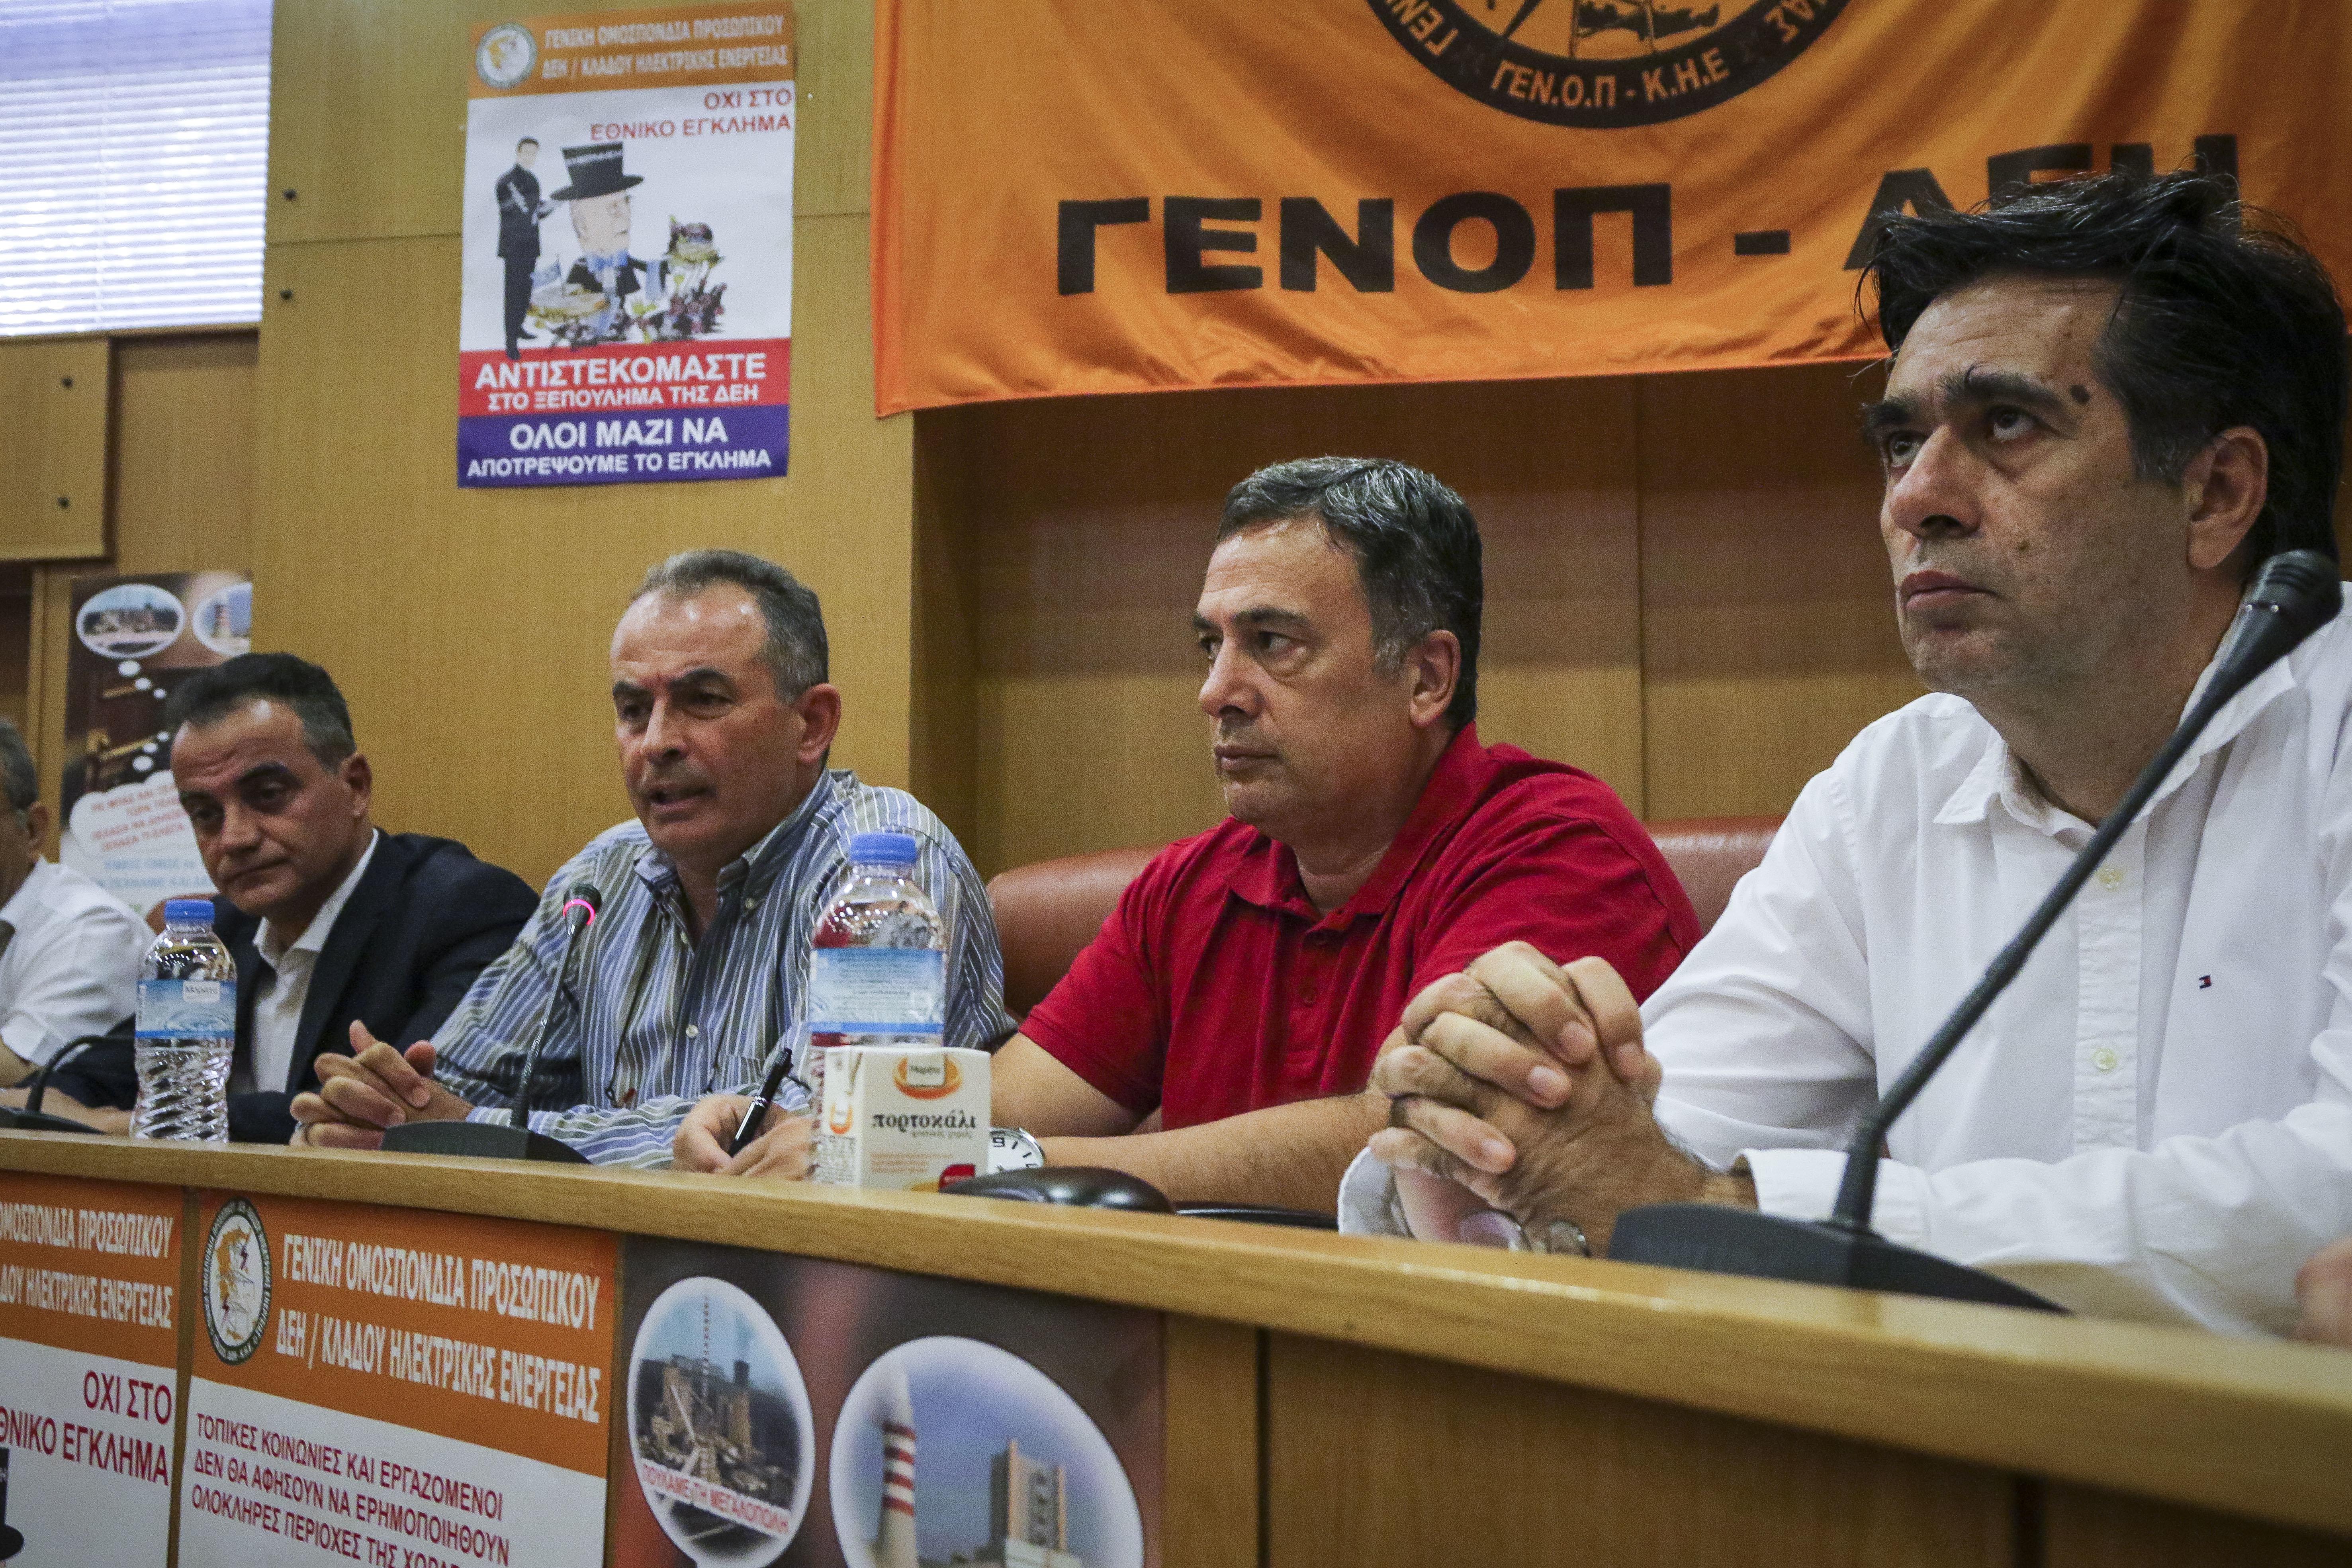 Η ΓΕΝΟΠ θα προσφύγει σε ελληνικά και ευρωπαϊκά δικαστήρια για τον τερματισμό της πώλησης λιγνιτικών μονάδων της